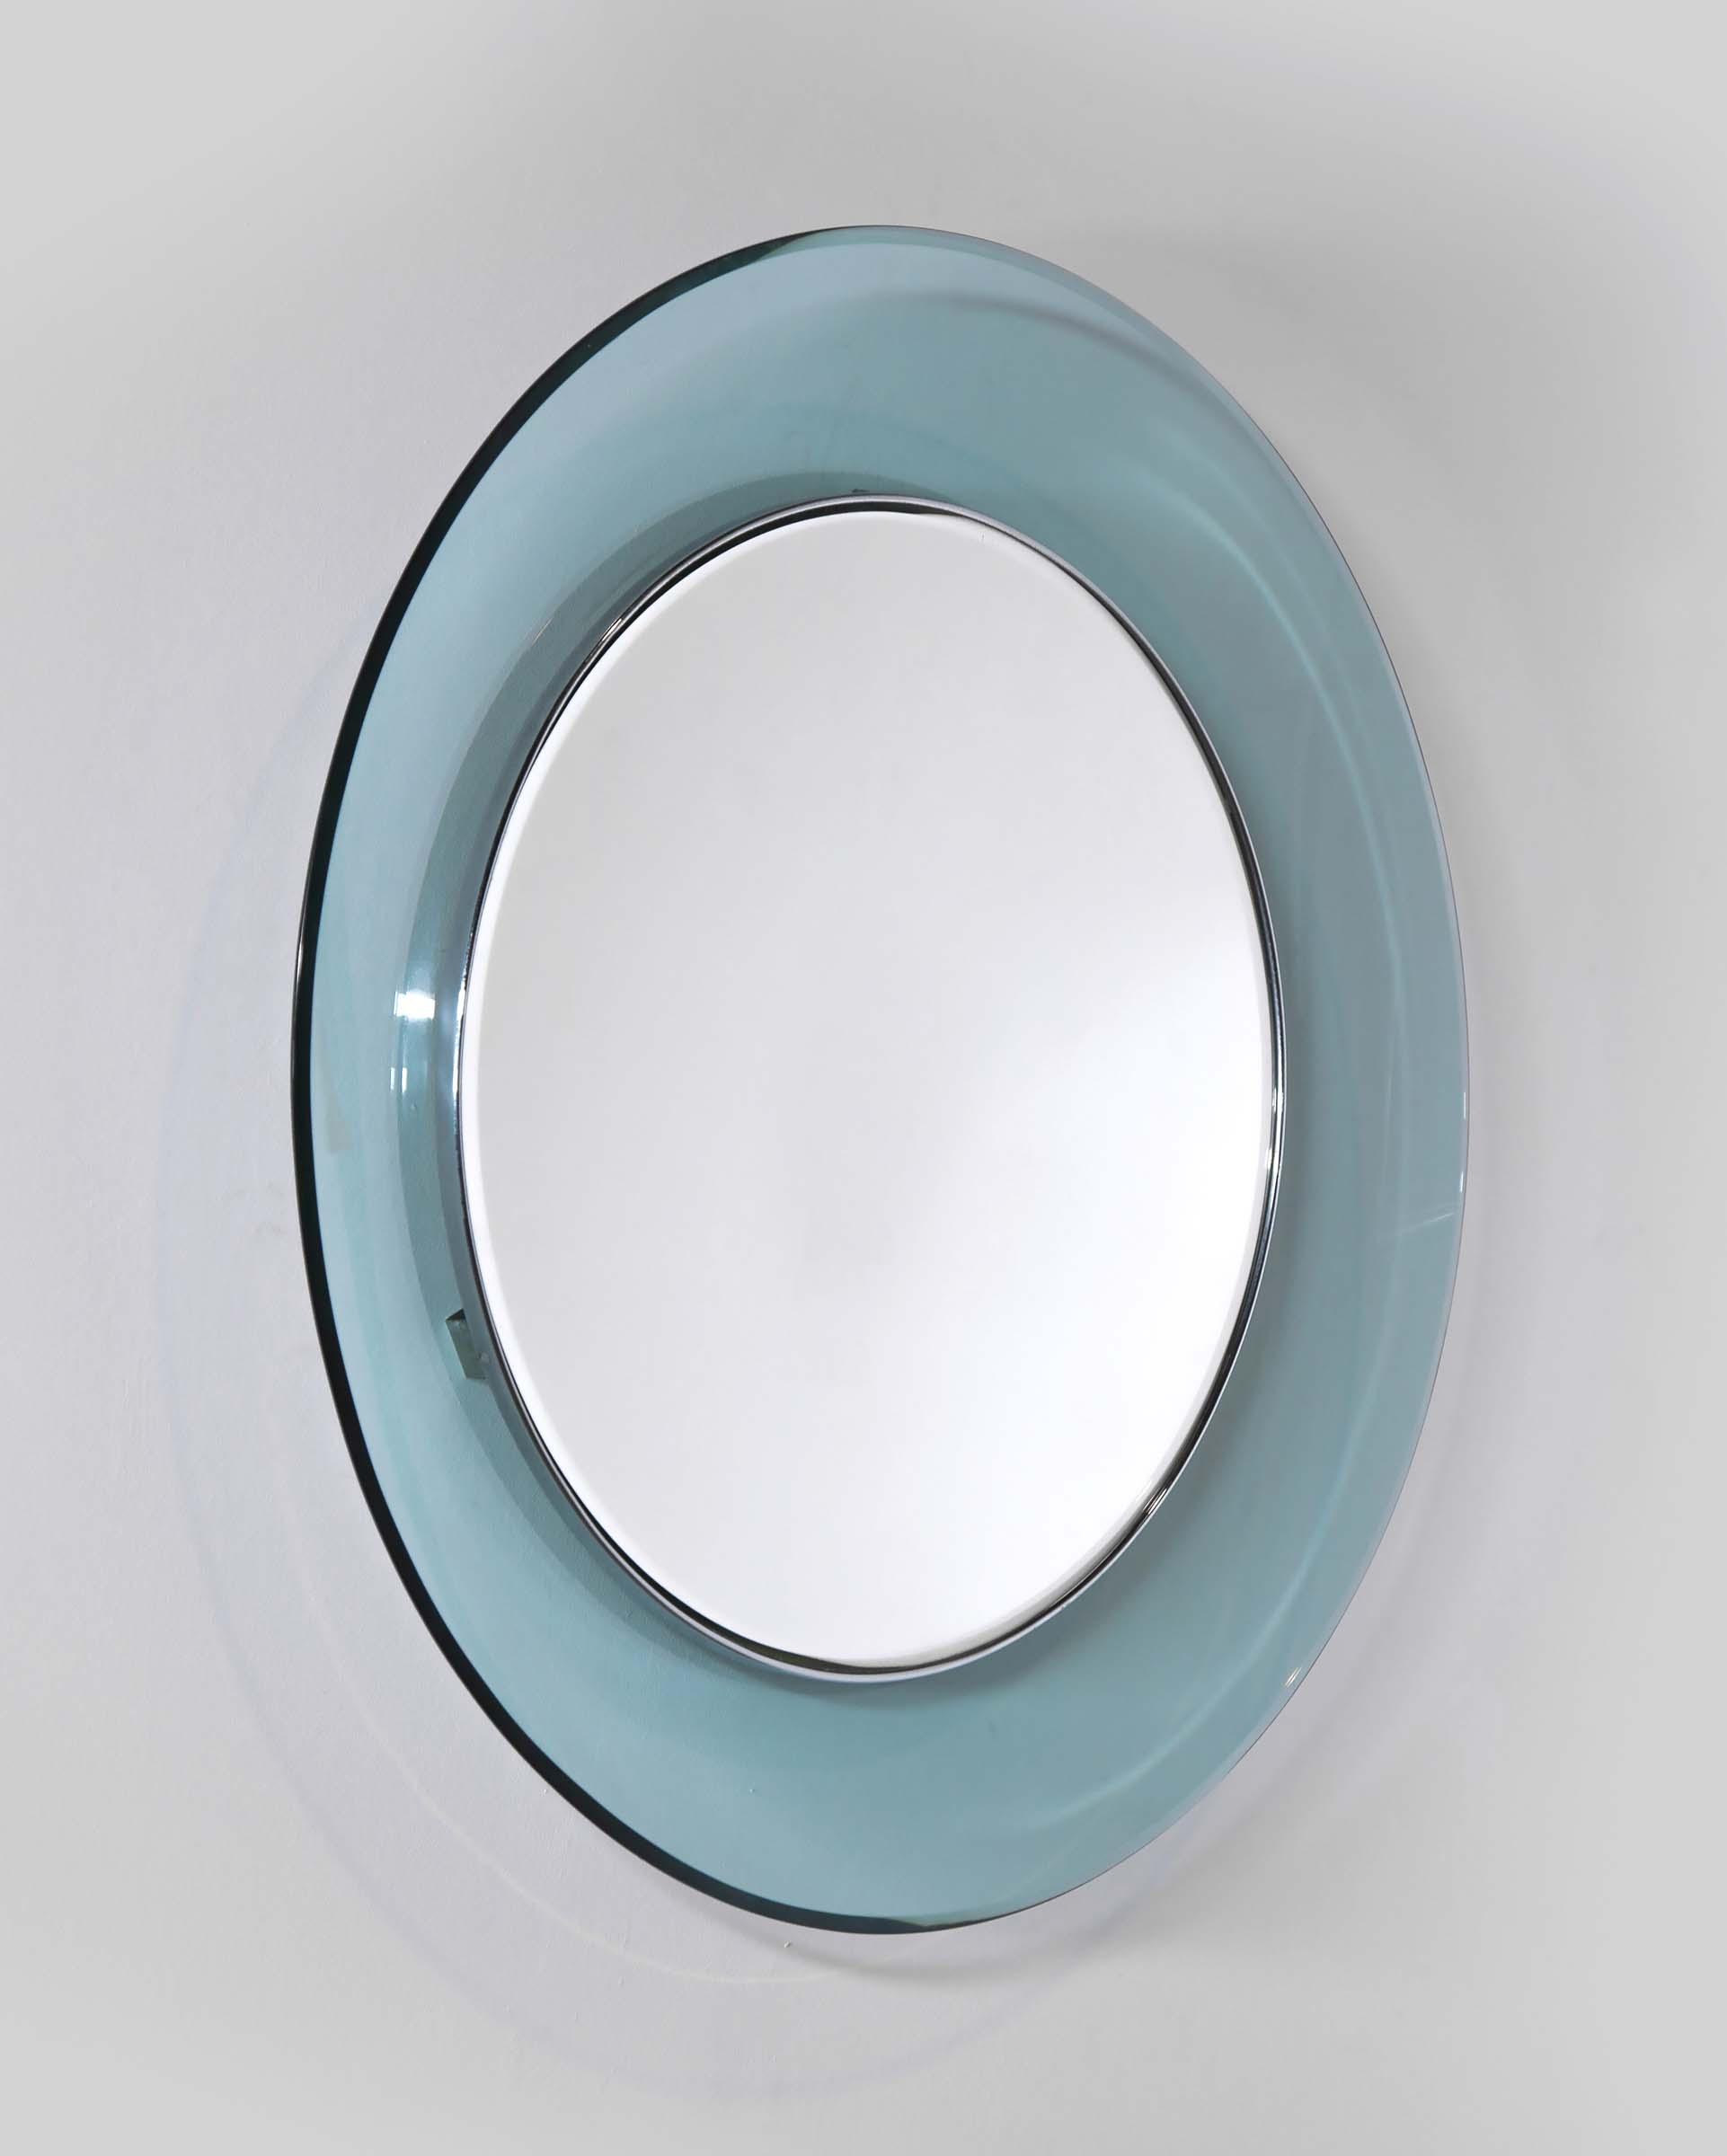 Max ingrand, mod. 1669 specchio circolare con cornice in vetro ...